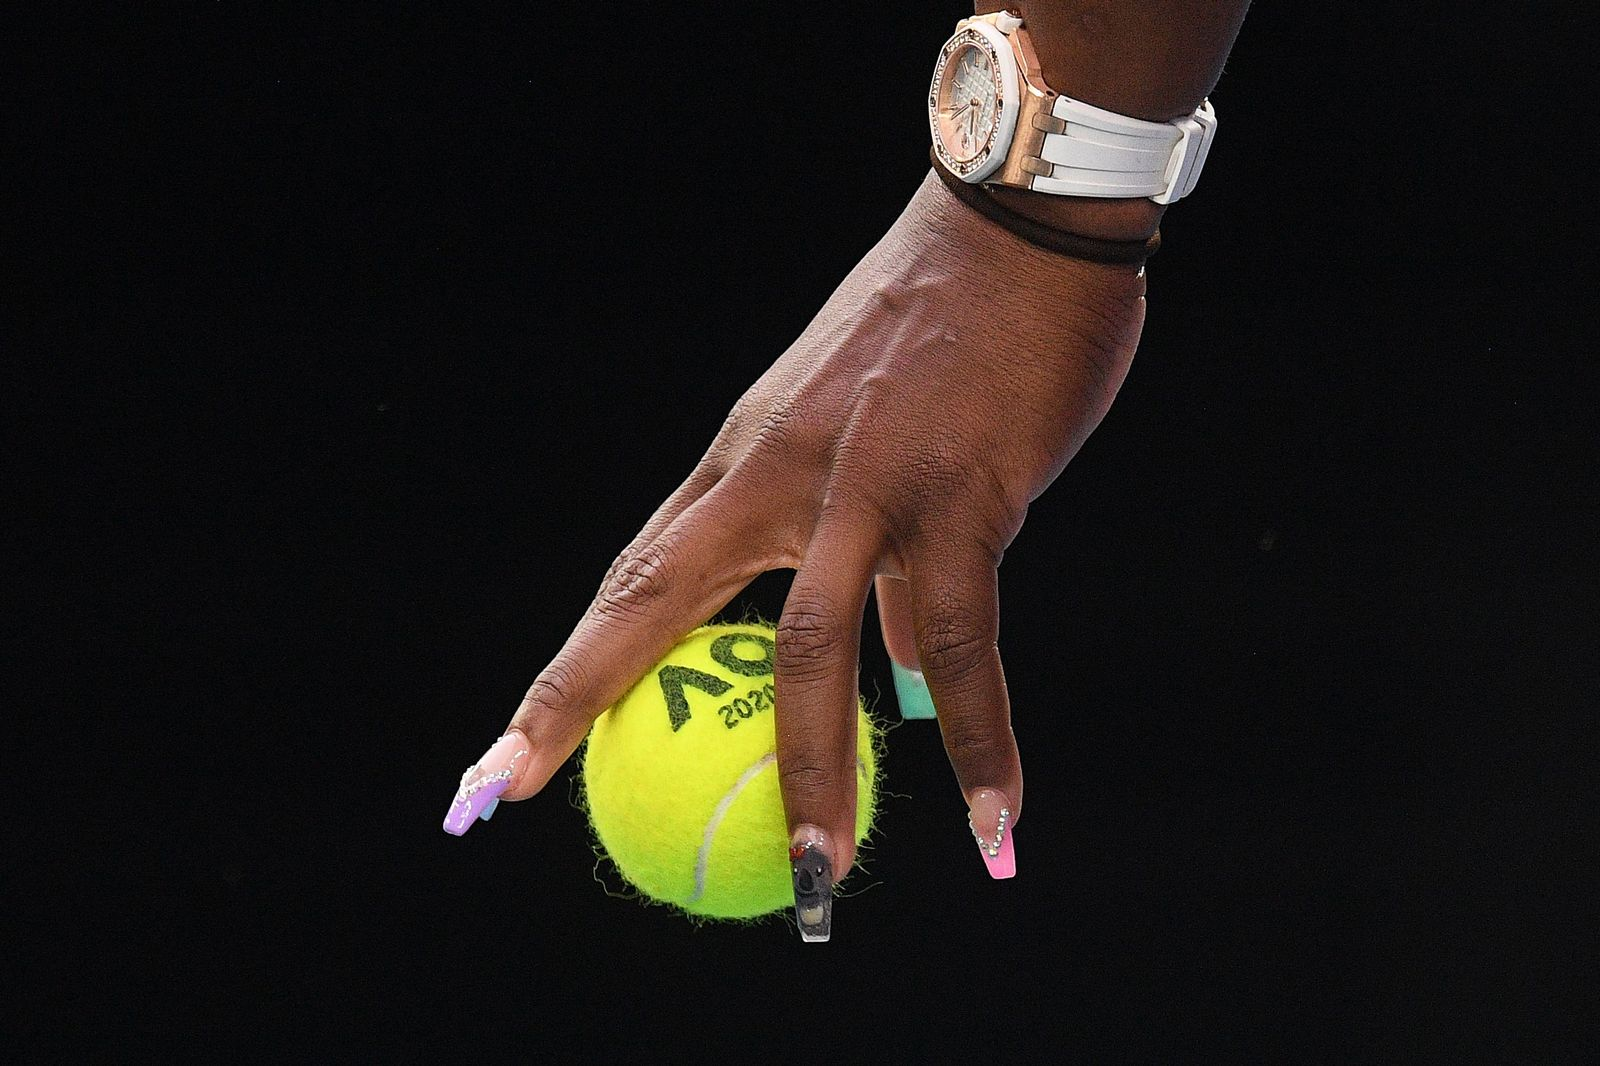 Tennis Australian Open 2020, Melbourne, Australia - 22 Jan 2020